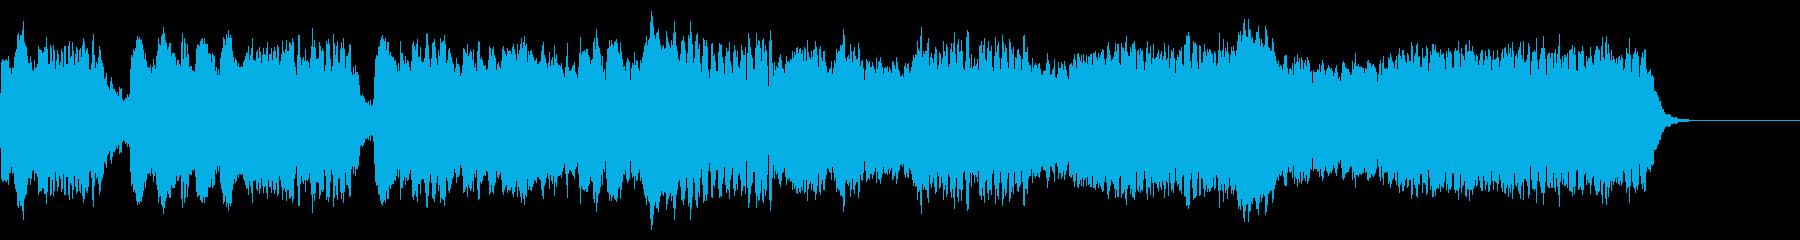 フルートが優しい雰囲気のBGMの再生済みの波形